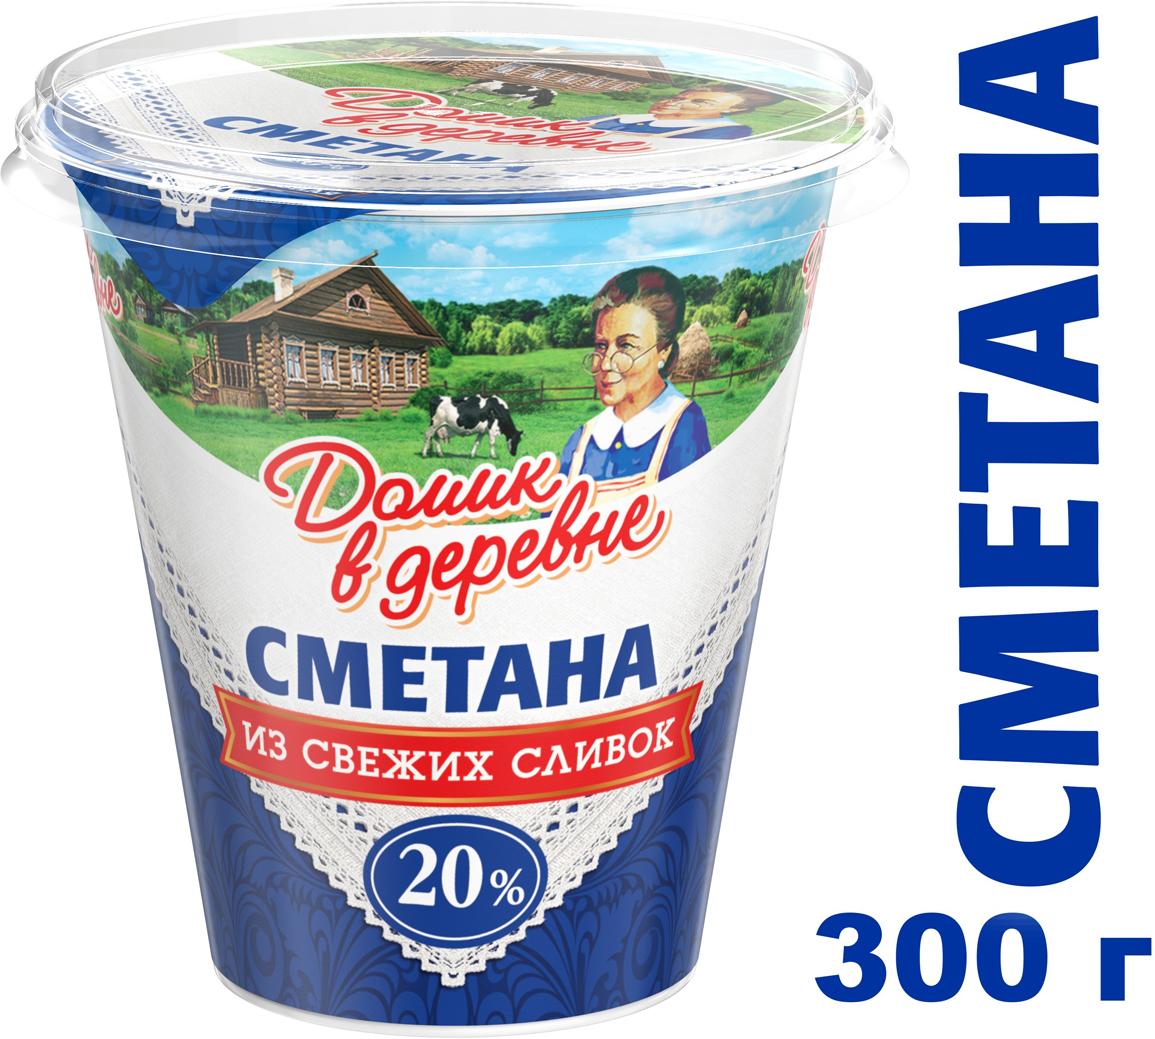 Фото - Сметана 20% Домик в деревне, 300 г молочные продукты